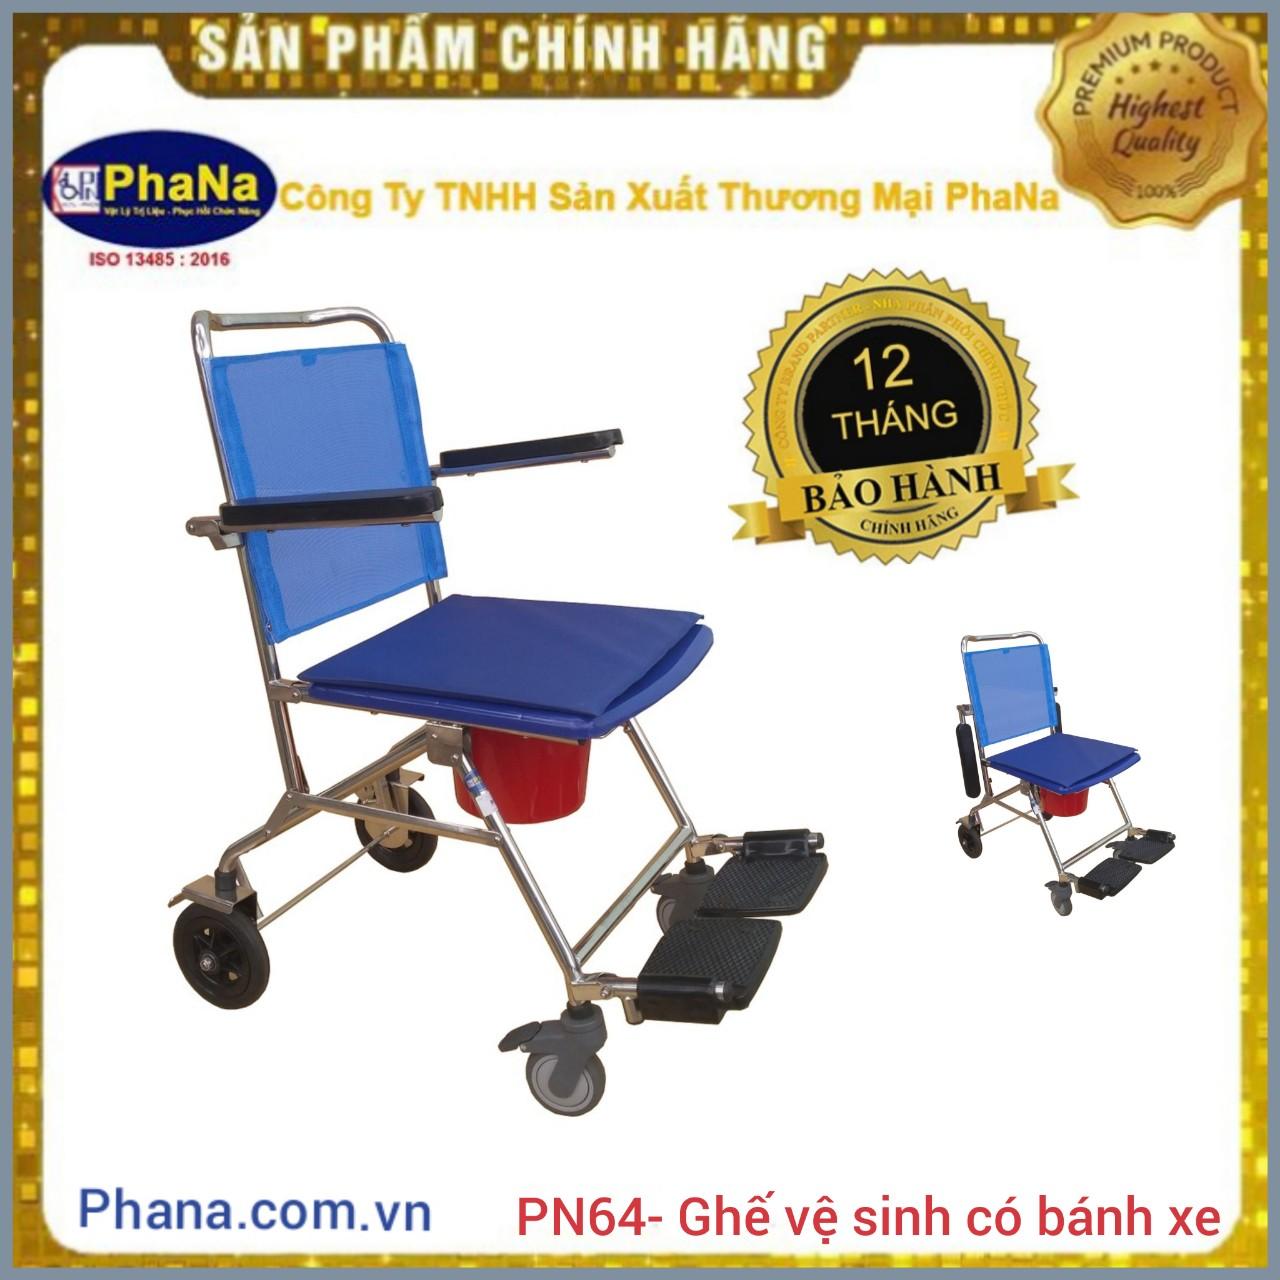 PN64 - Ghế vệ sinh Inox có bánh xe